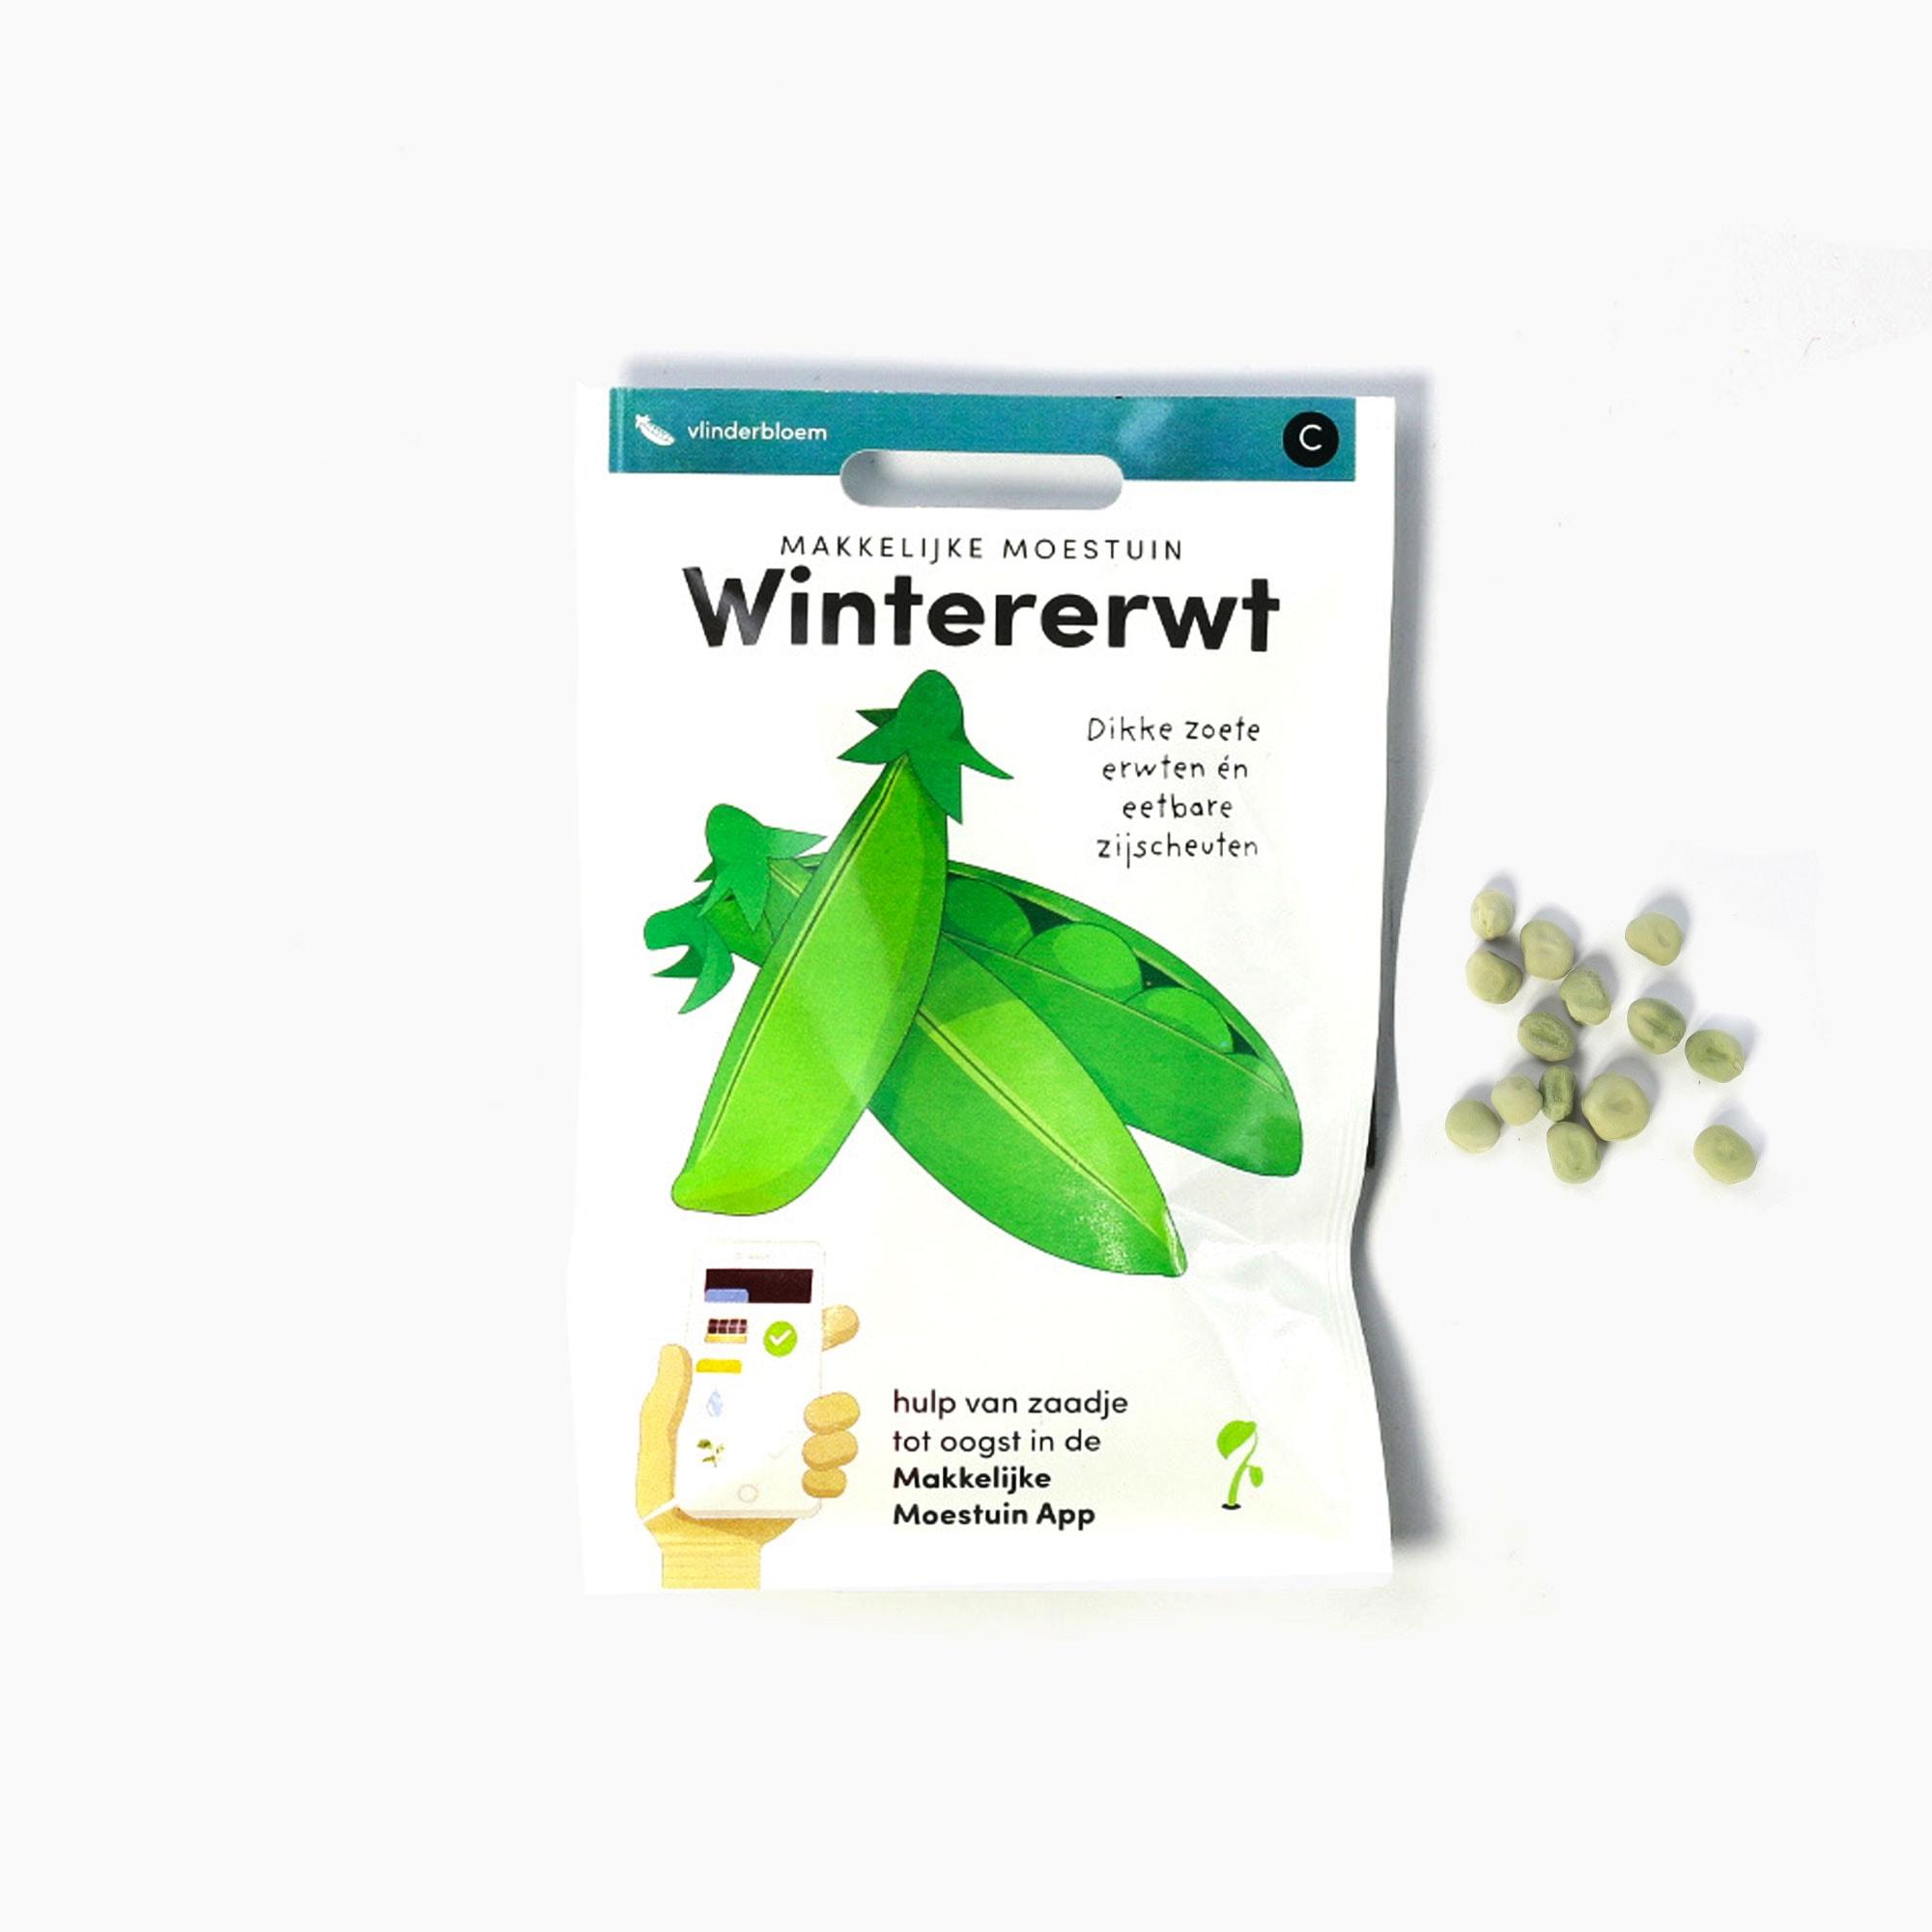 Wintererwt-(1).jpg